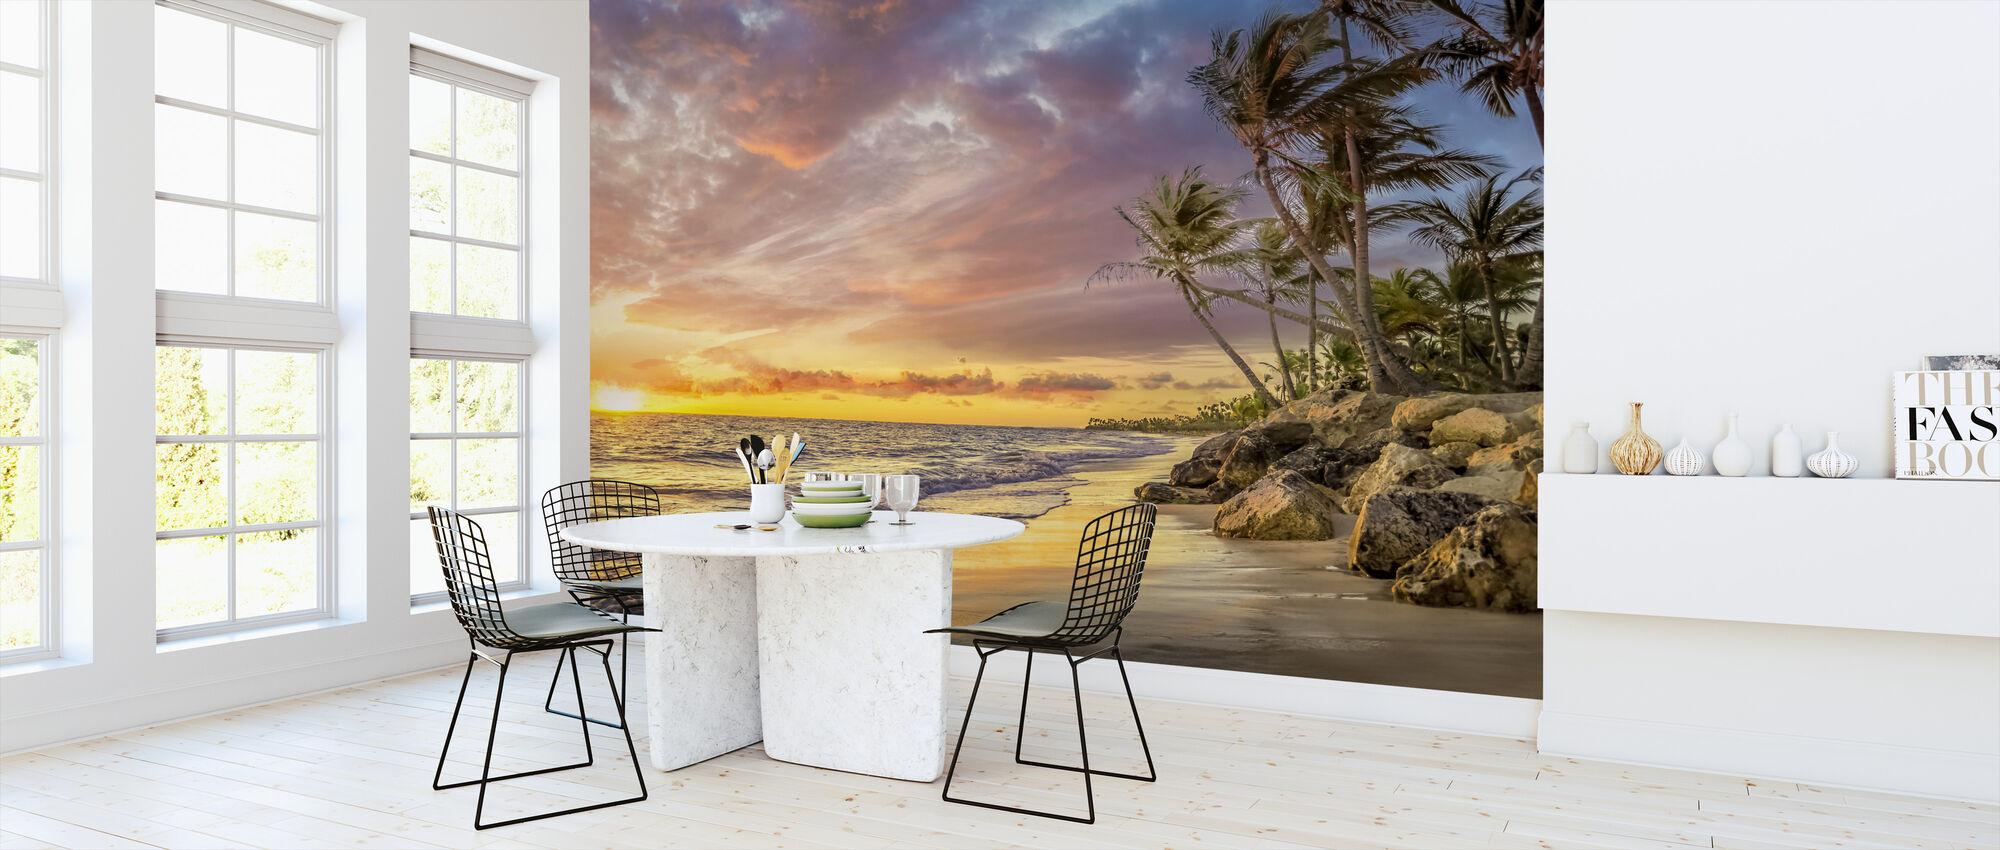 Palmboom bij zonsondergang - Behang - Keuken